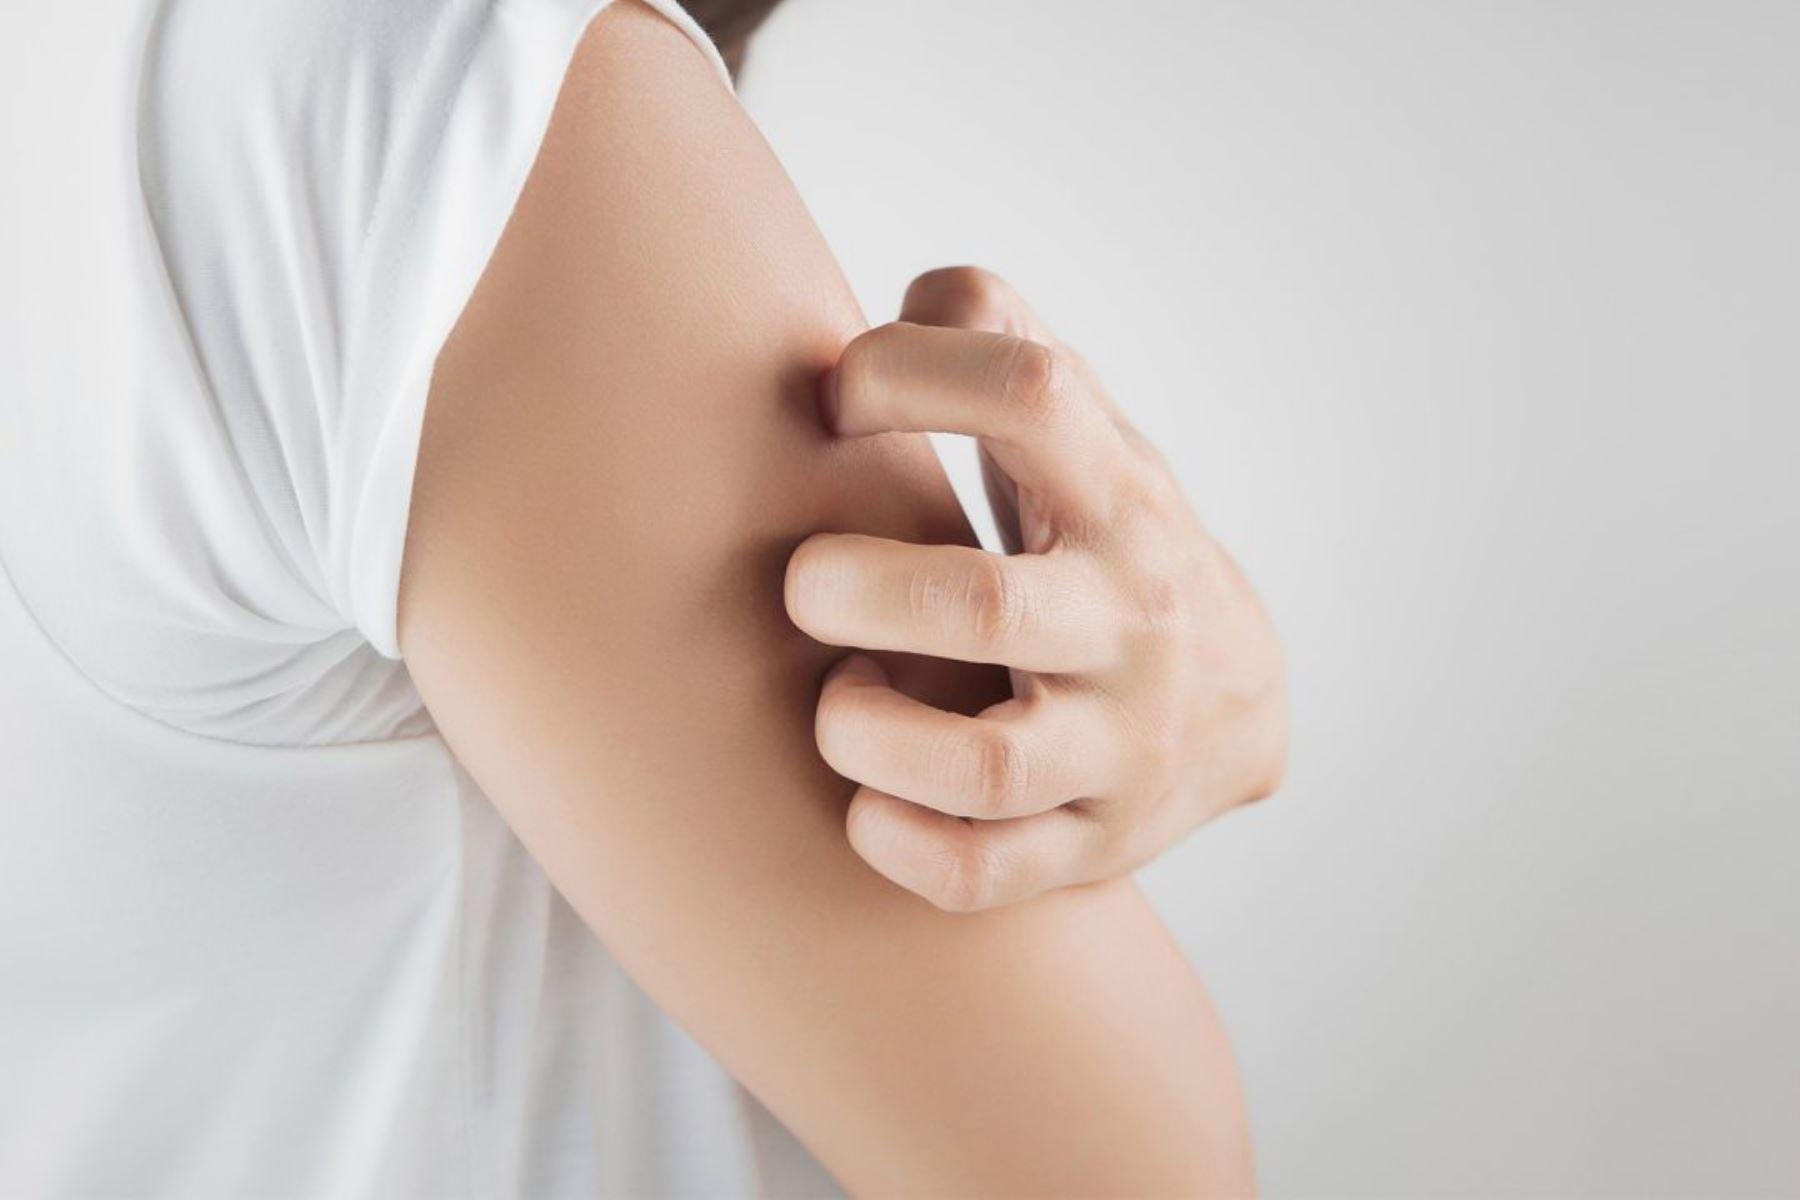 Según las fotos y la información que proporcione, la herramienta de asistencia dermatológica impulsada por IA ofrecerá sugerencias